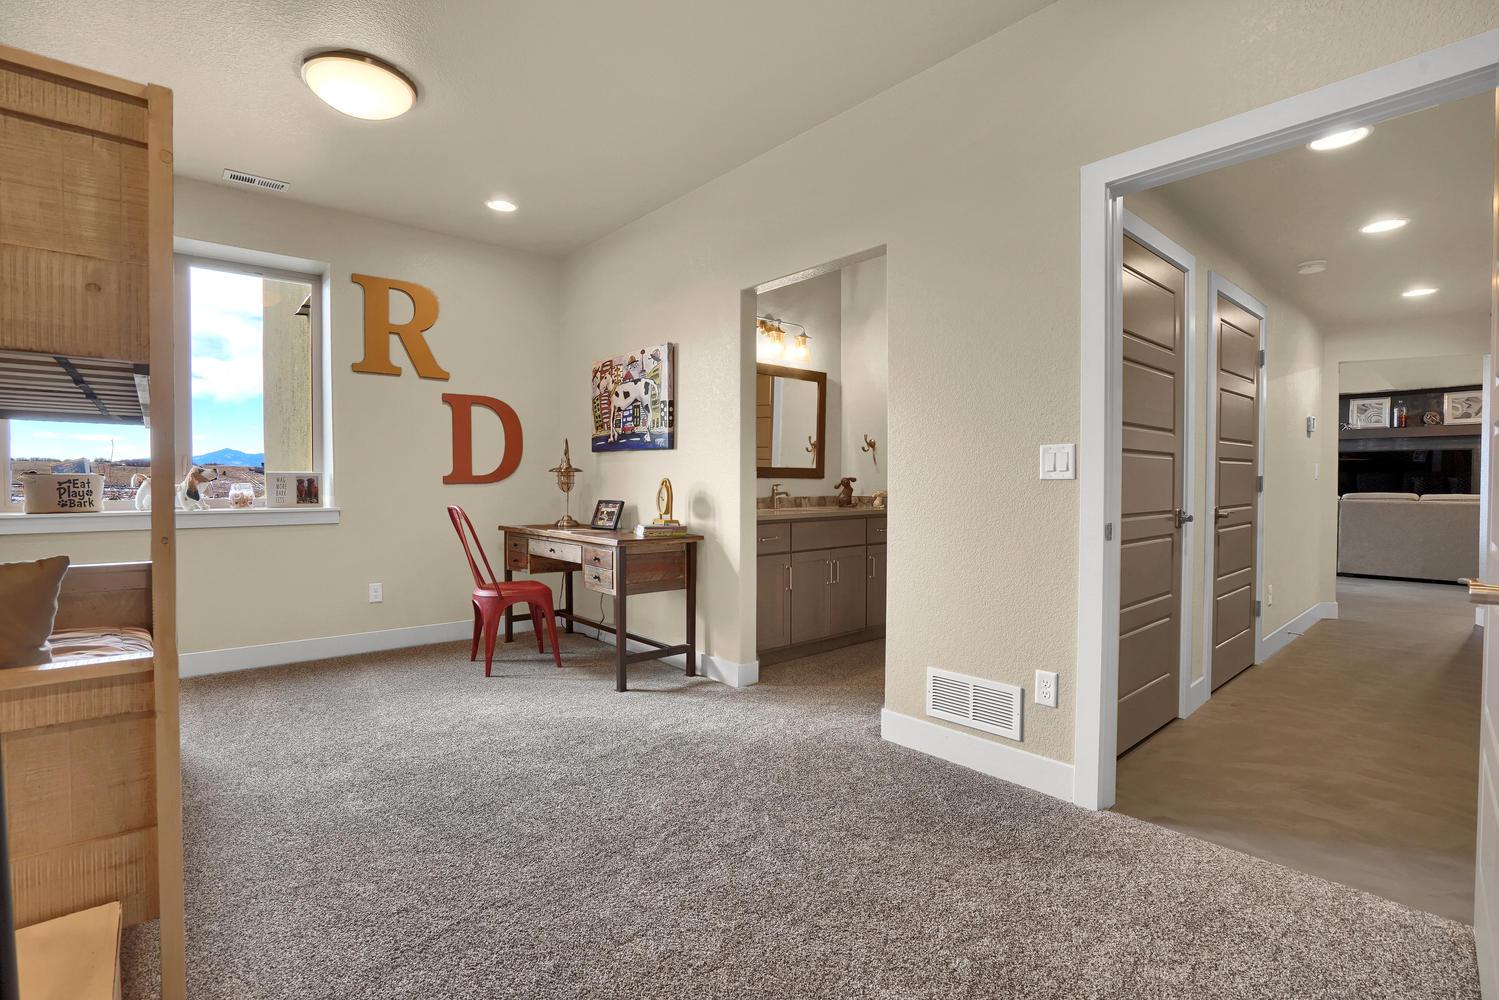 1807 Redbank Dr Colorado-large-030-31-Bedroom-1500x1000-72dpi.jpg